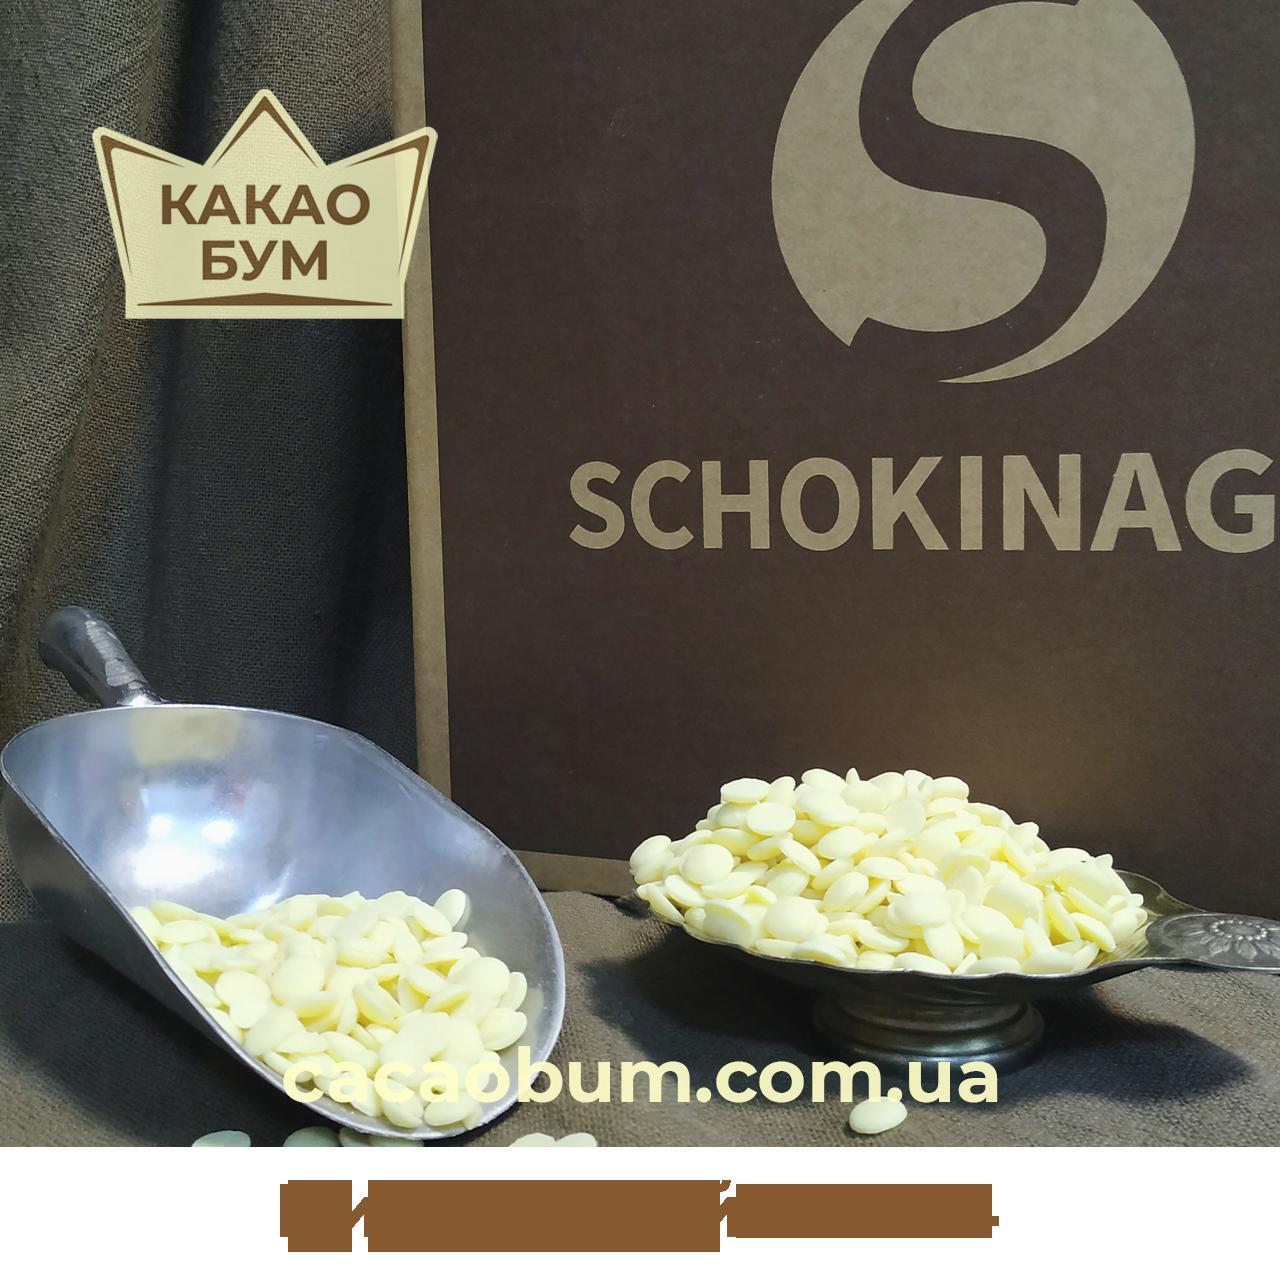 Шоколад справжній без домішок білий 29,8% Schokinag (Німеччина) 1 кг в каллетах